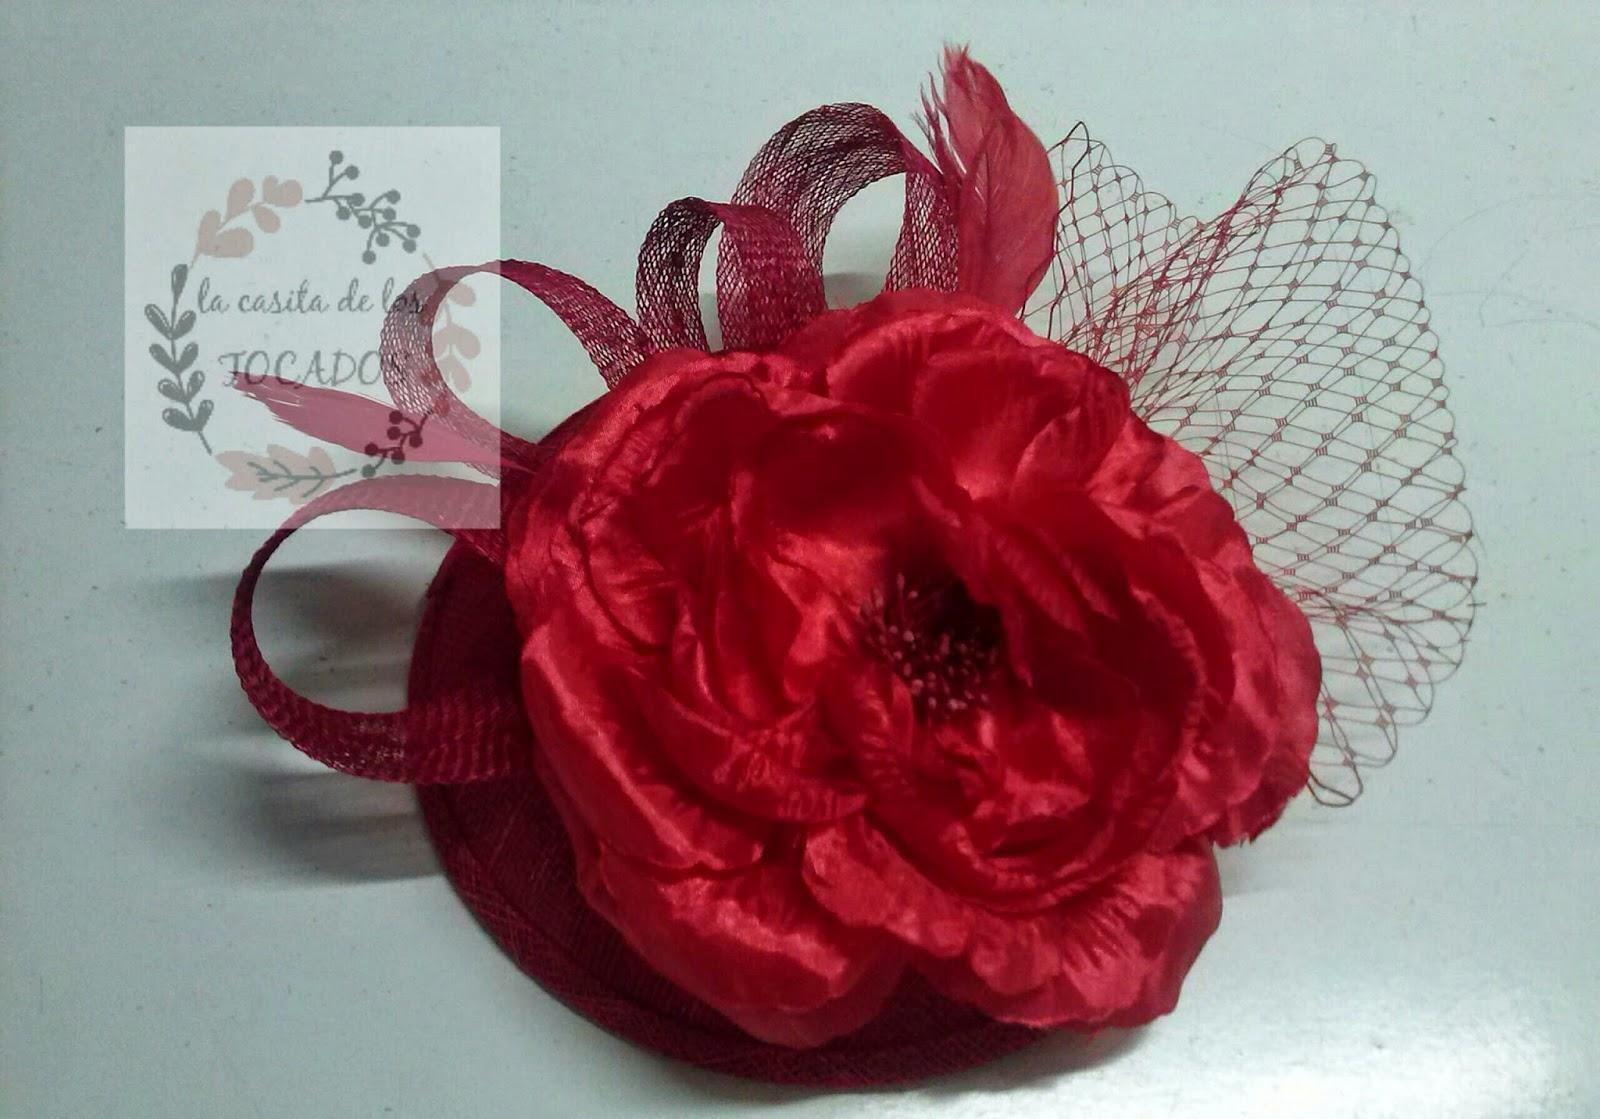 tocado para boda en color rojo con velo, plumas y flor grande